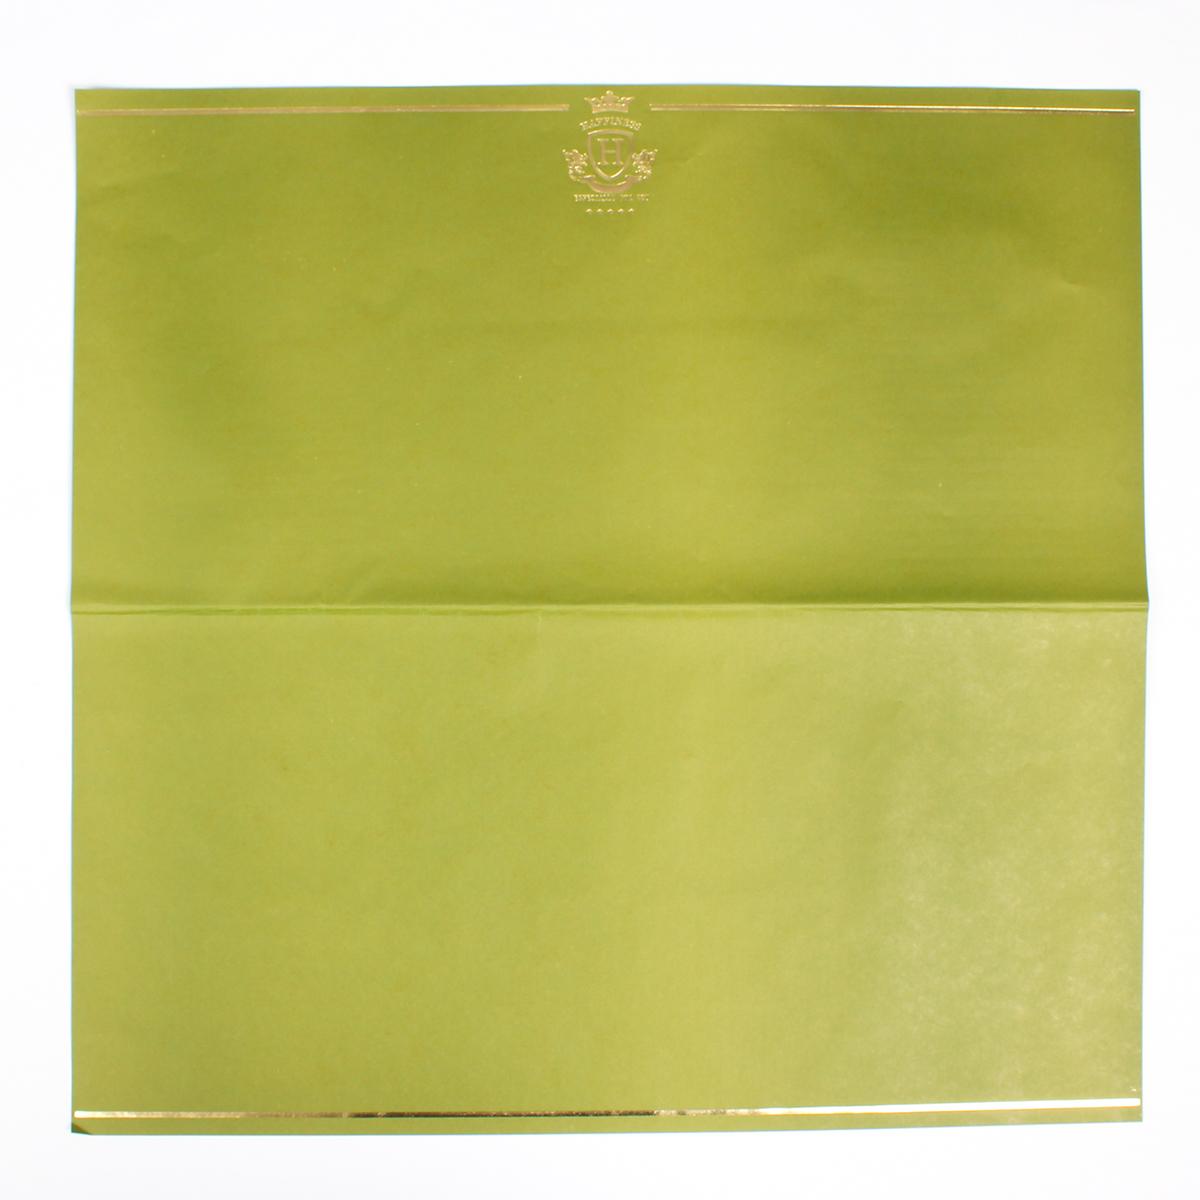 Бумага упаковочная , 60 х 60 см. 26767522676752Любой подарок начинается с упаковки. Что может быть трогательнее и волшебнее, чем ритуал разворачивания полученного презента. И именно оригинальная, со вкусом выбранная упаковка выделит ваш подарок из массы других. Она продемонстрирует самые тёплые чувства к виновнику торжества и создаст сказочную атмосферу праздника. — это то, что вы искали.